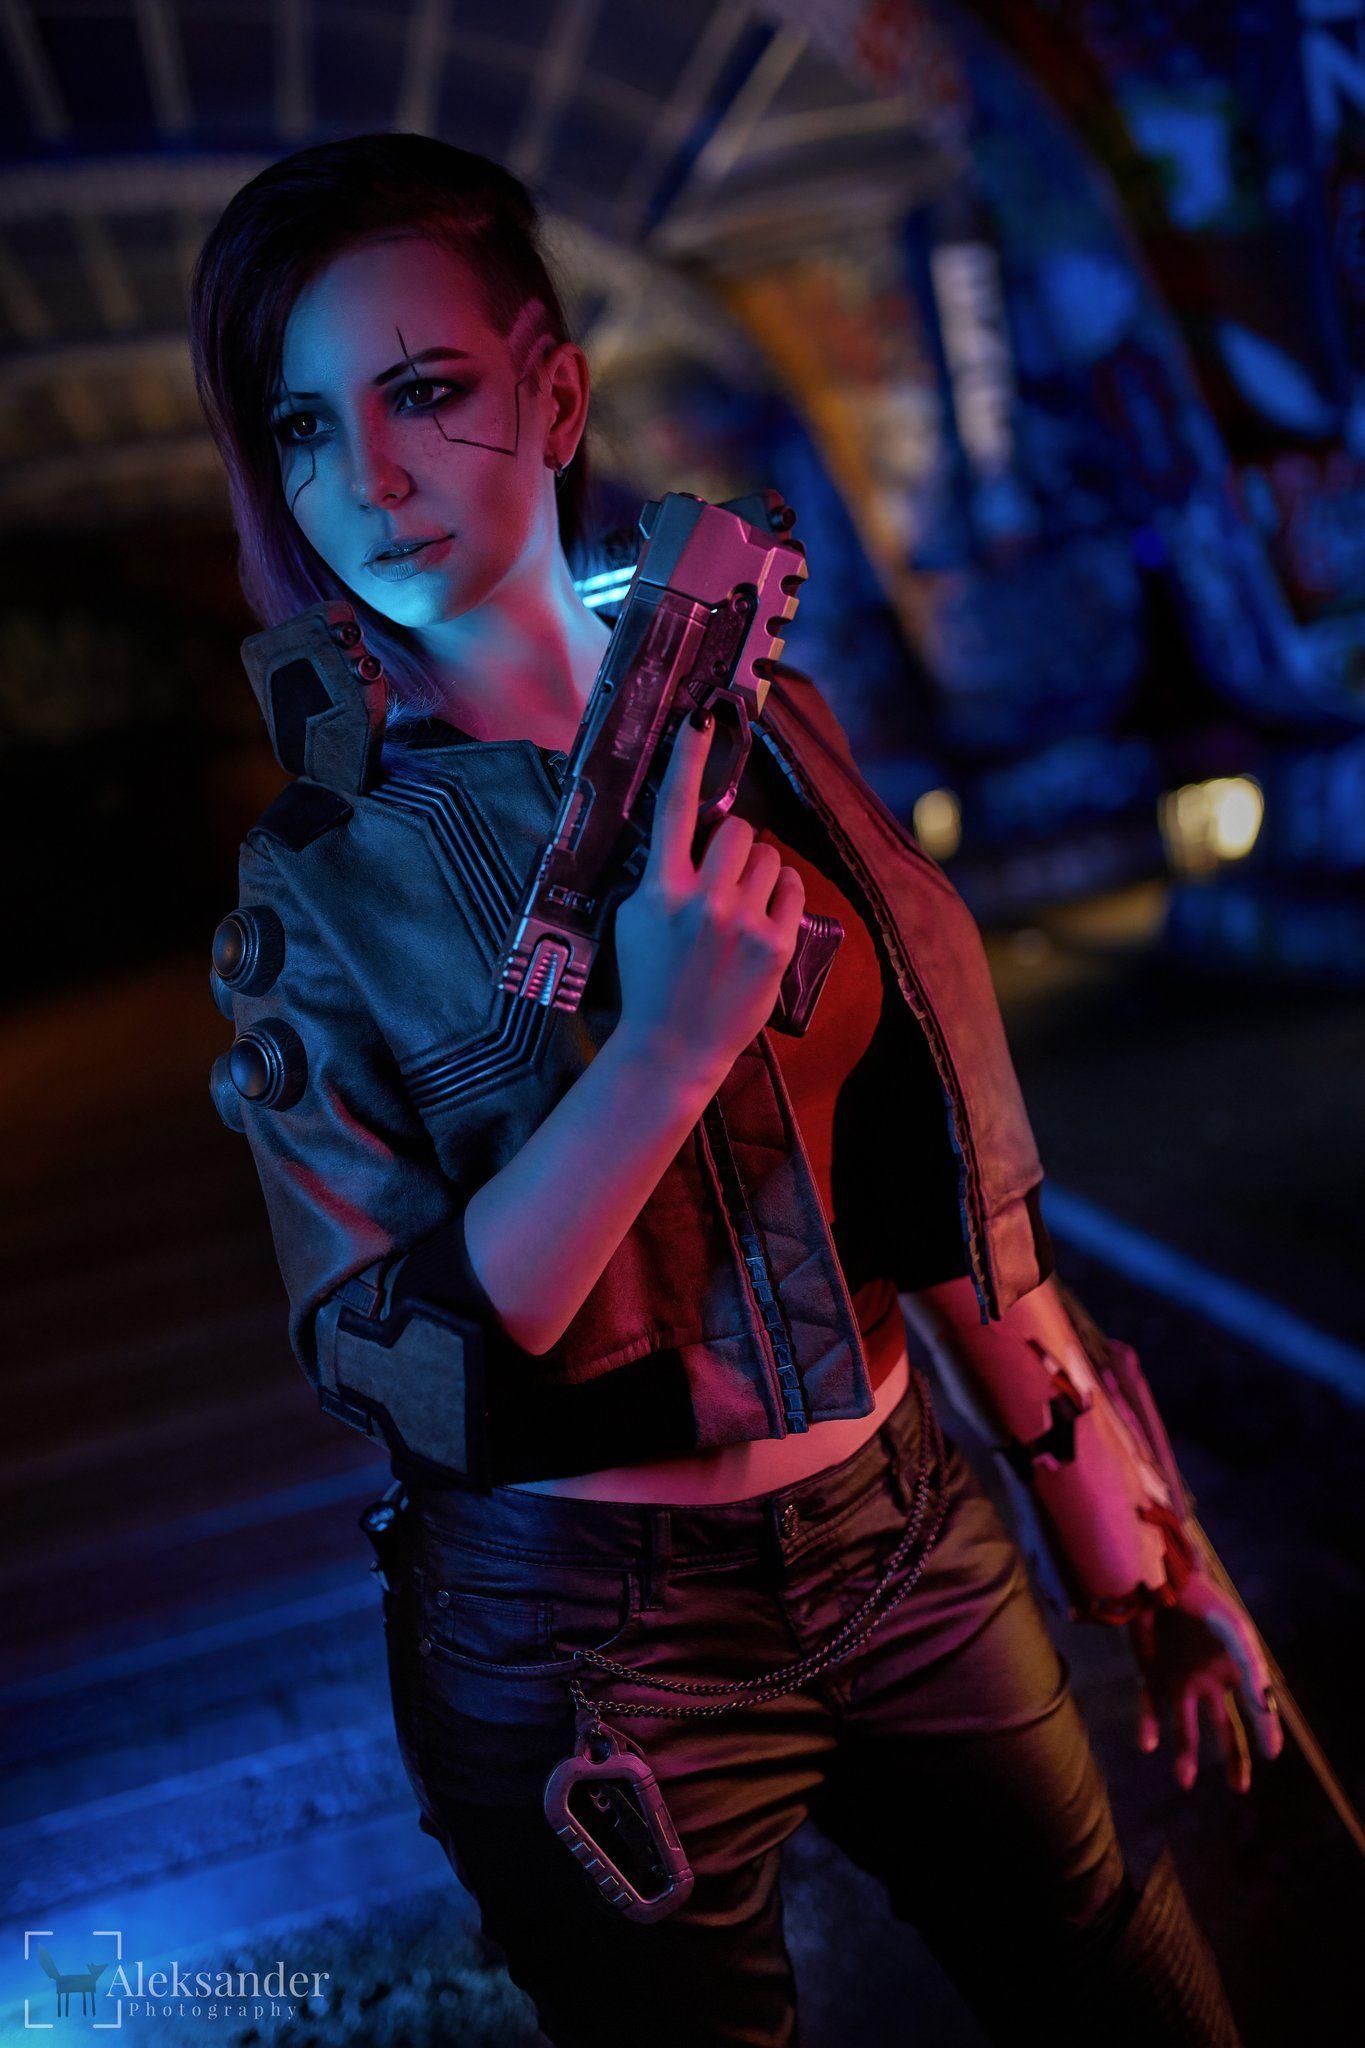 Cyberpunk 2077 Fem V Cosplay by KetrinCosplay. For